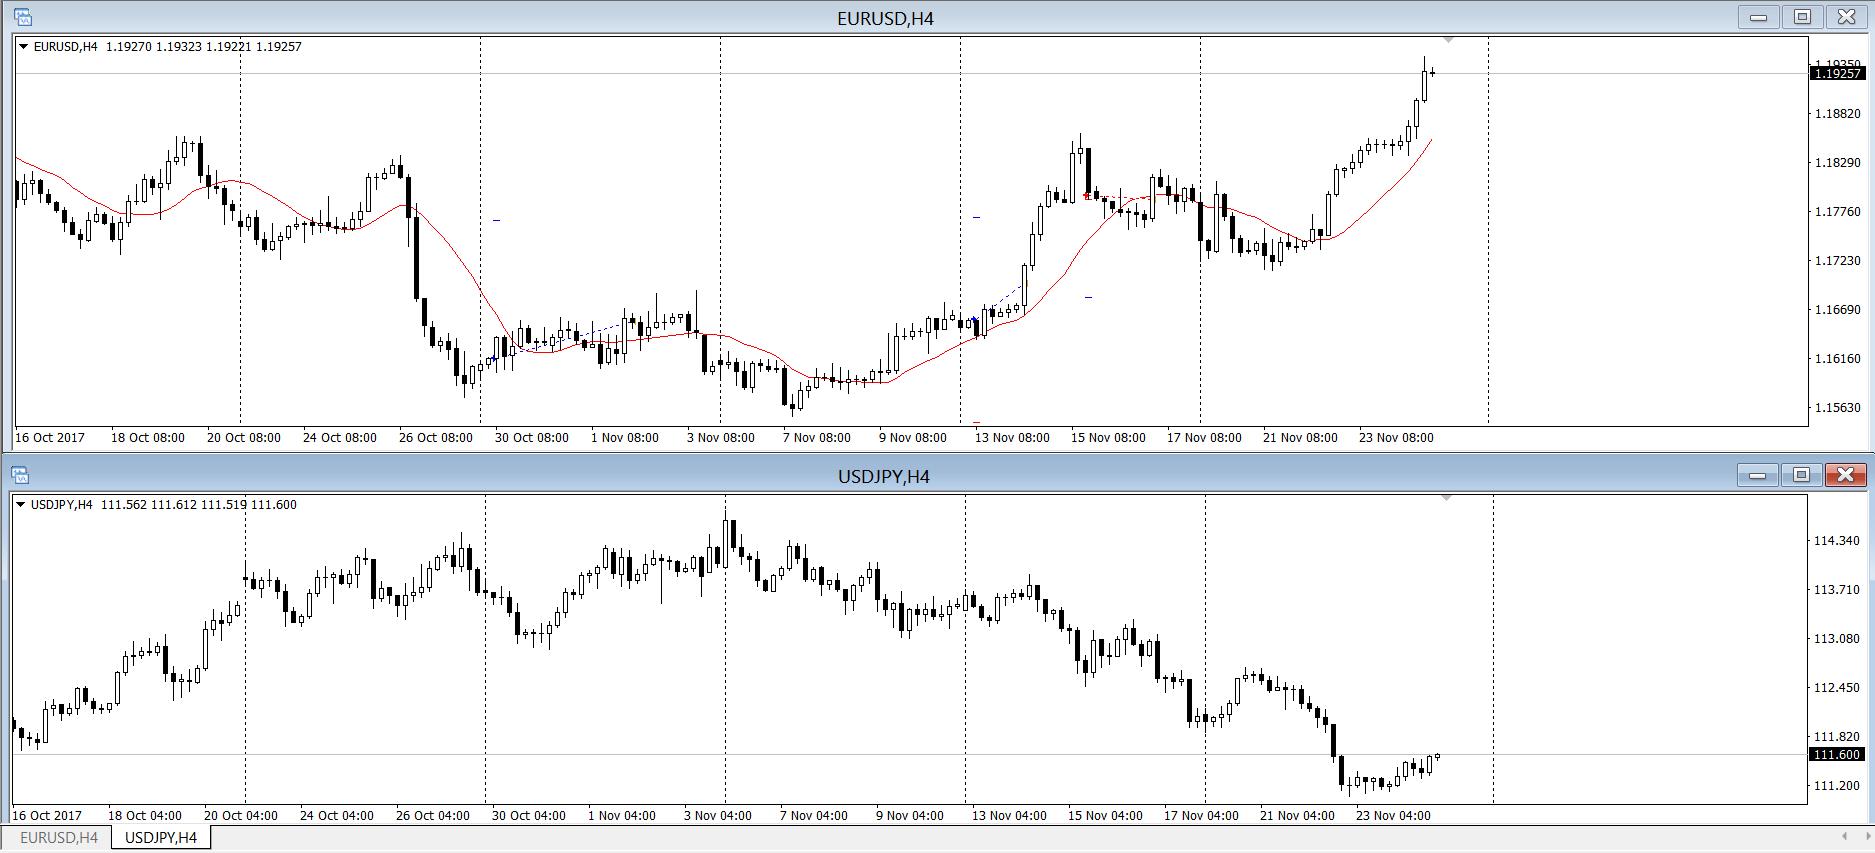 Обратная непрямая корреляция EUR/USD и USD/JPY